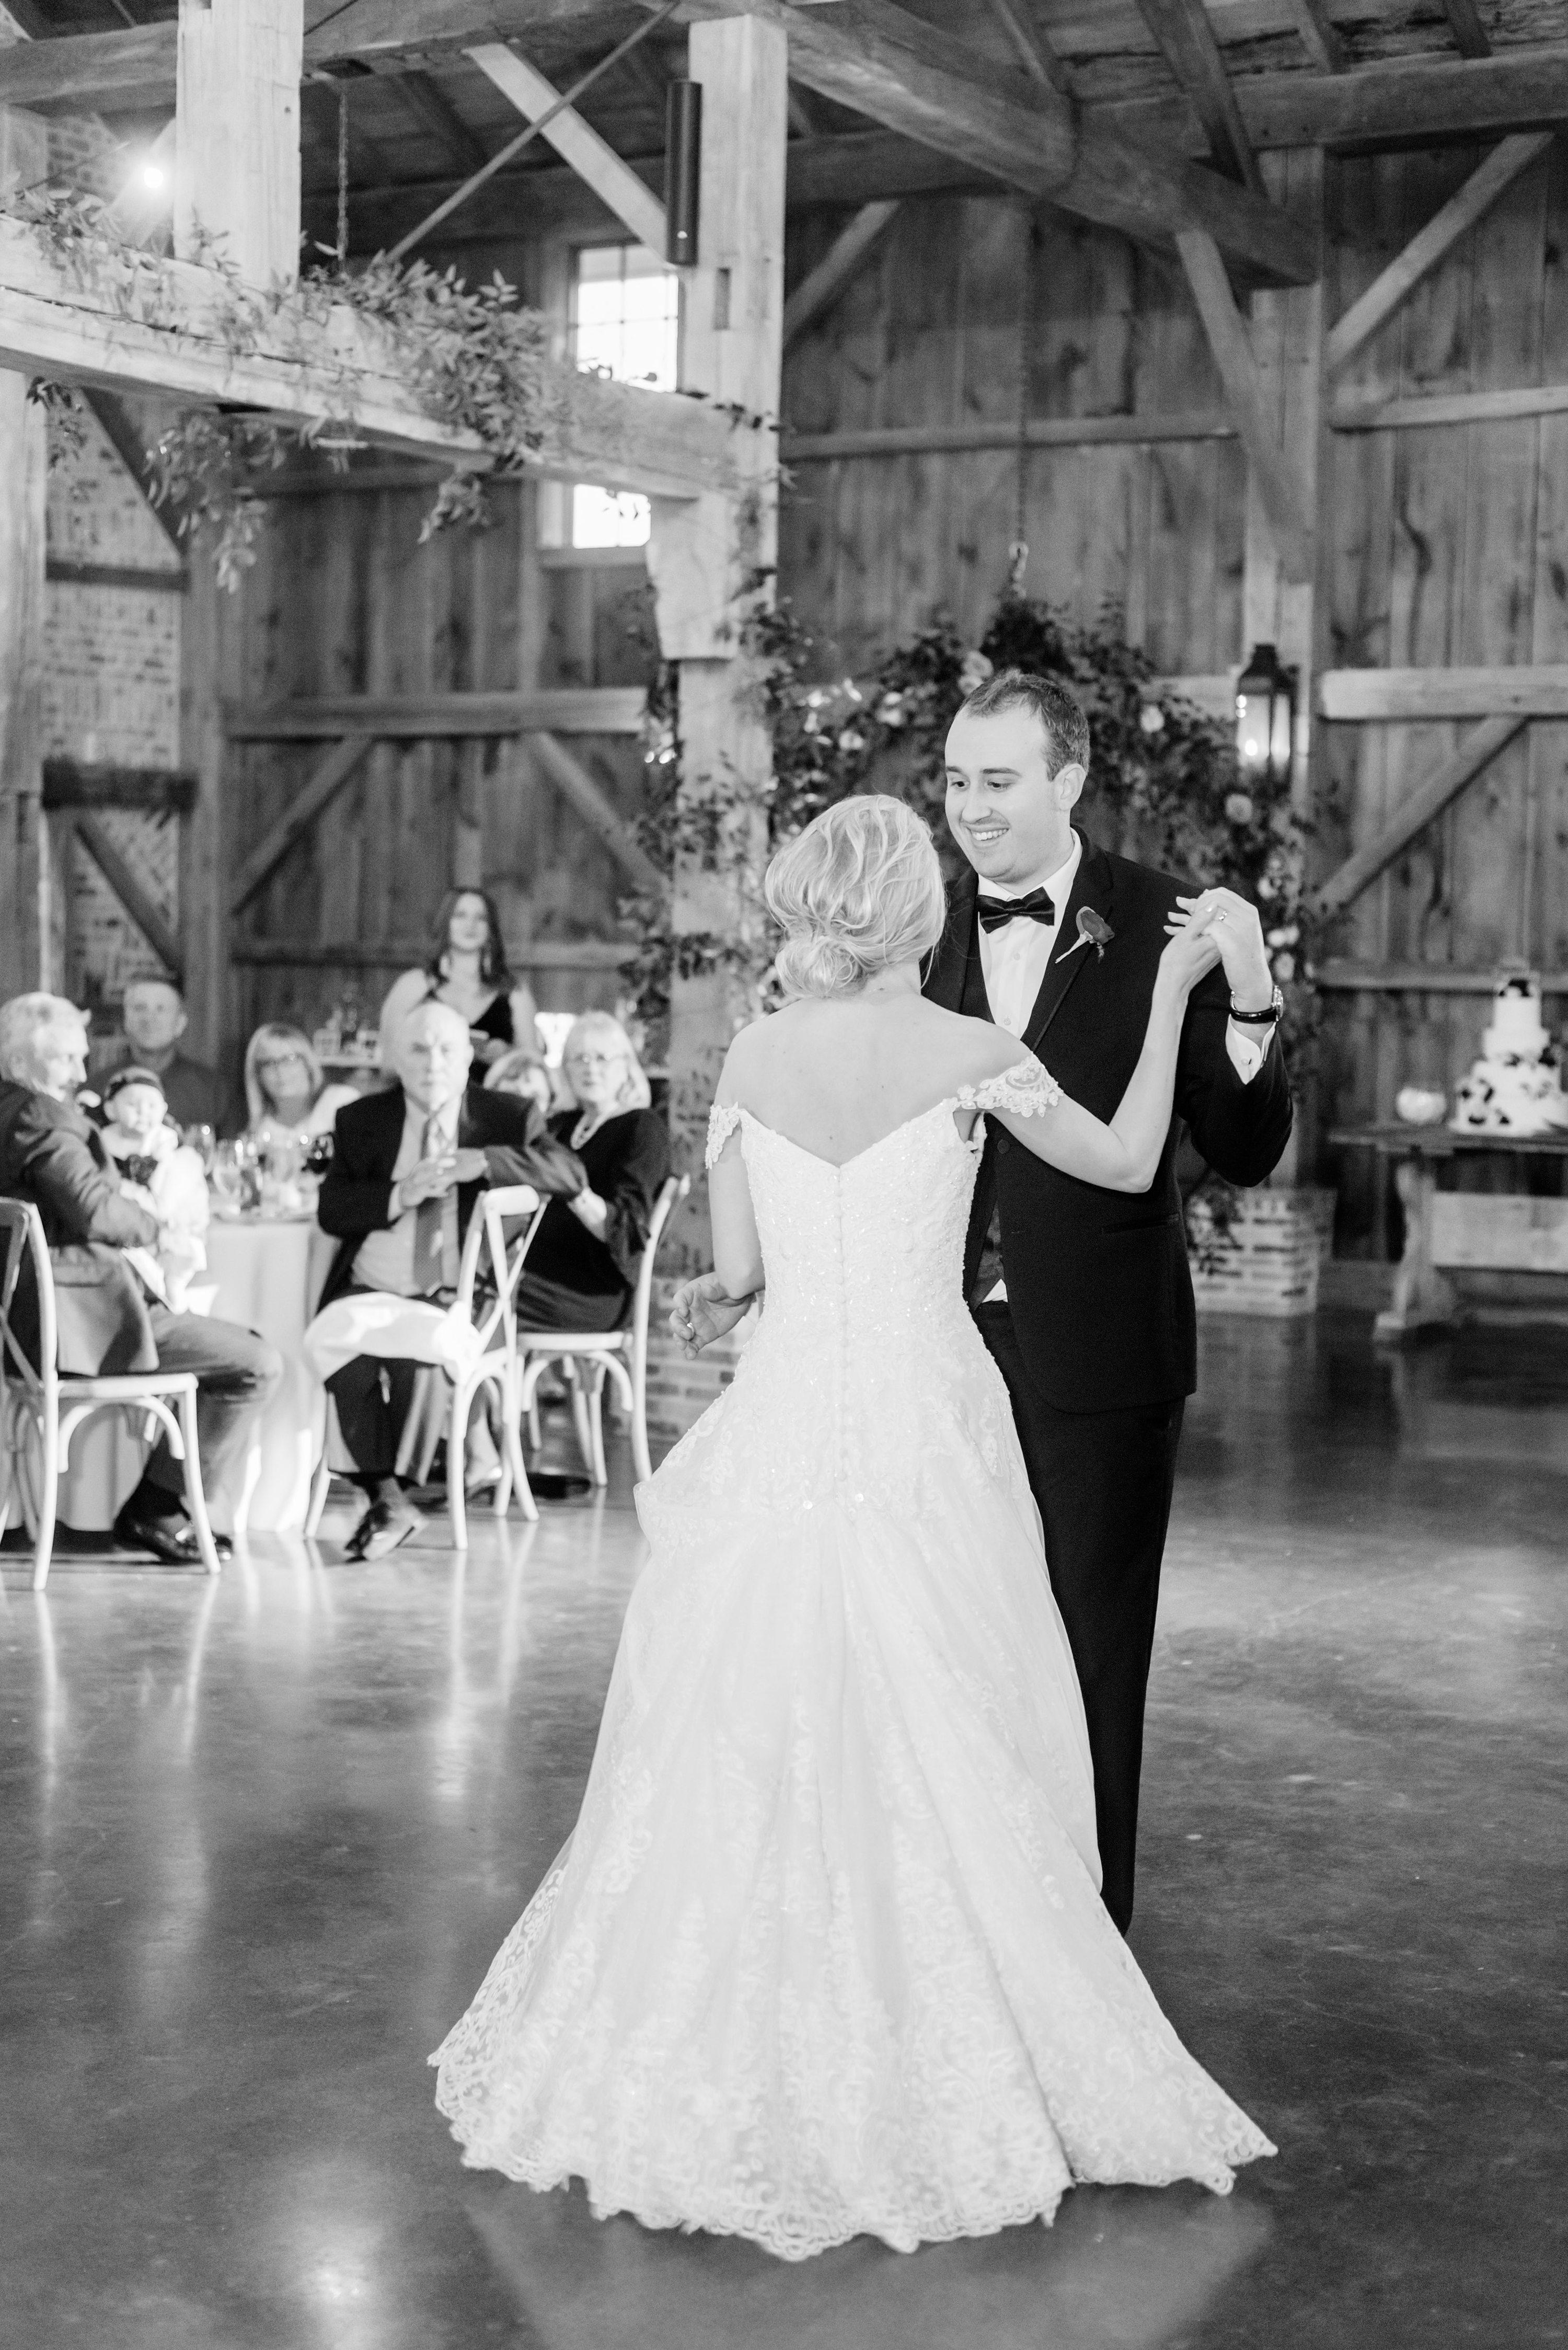 Katy Wedding,Eric & Jenn Photography